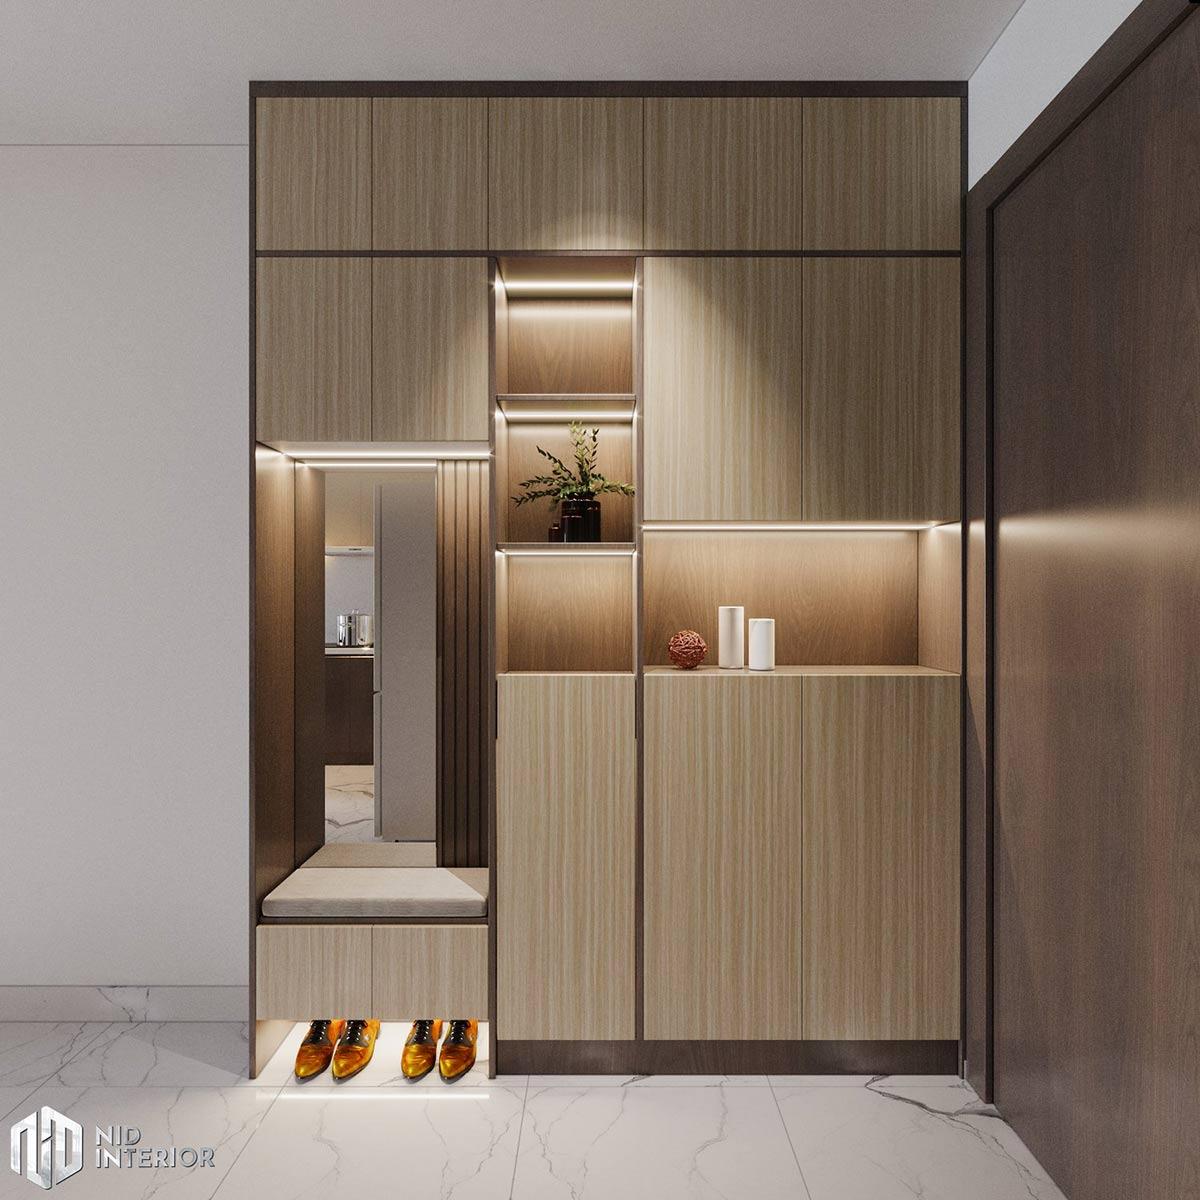 Thiết kế nội thất căn hộ Lovera Vista Bình Chánh - Tủ giày